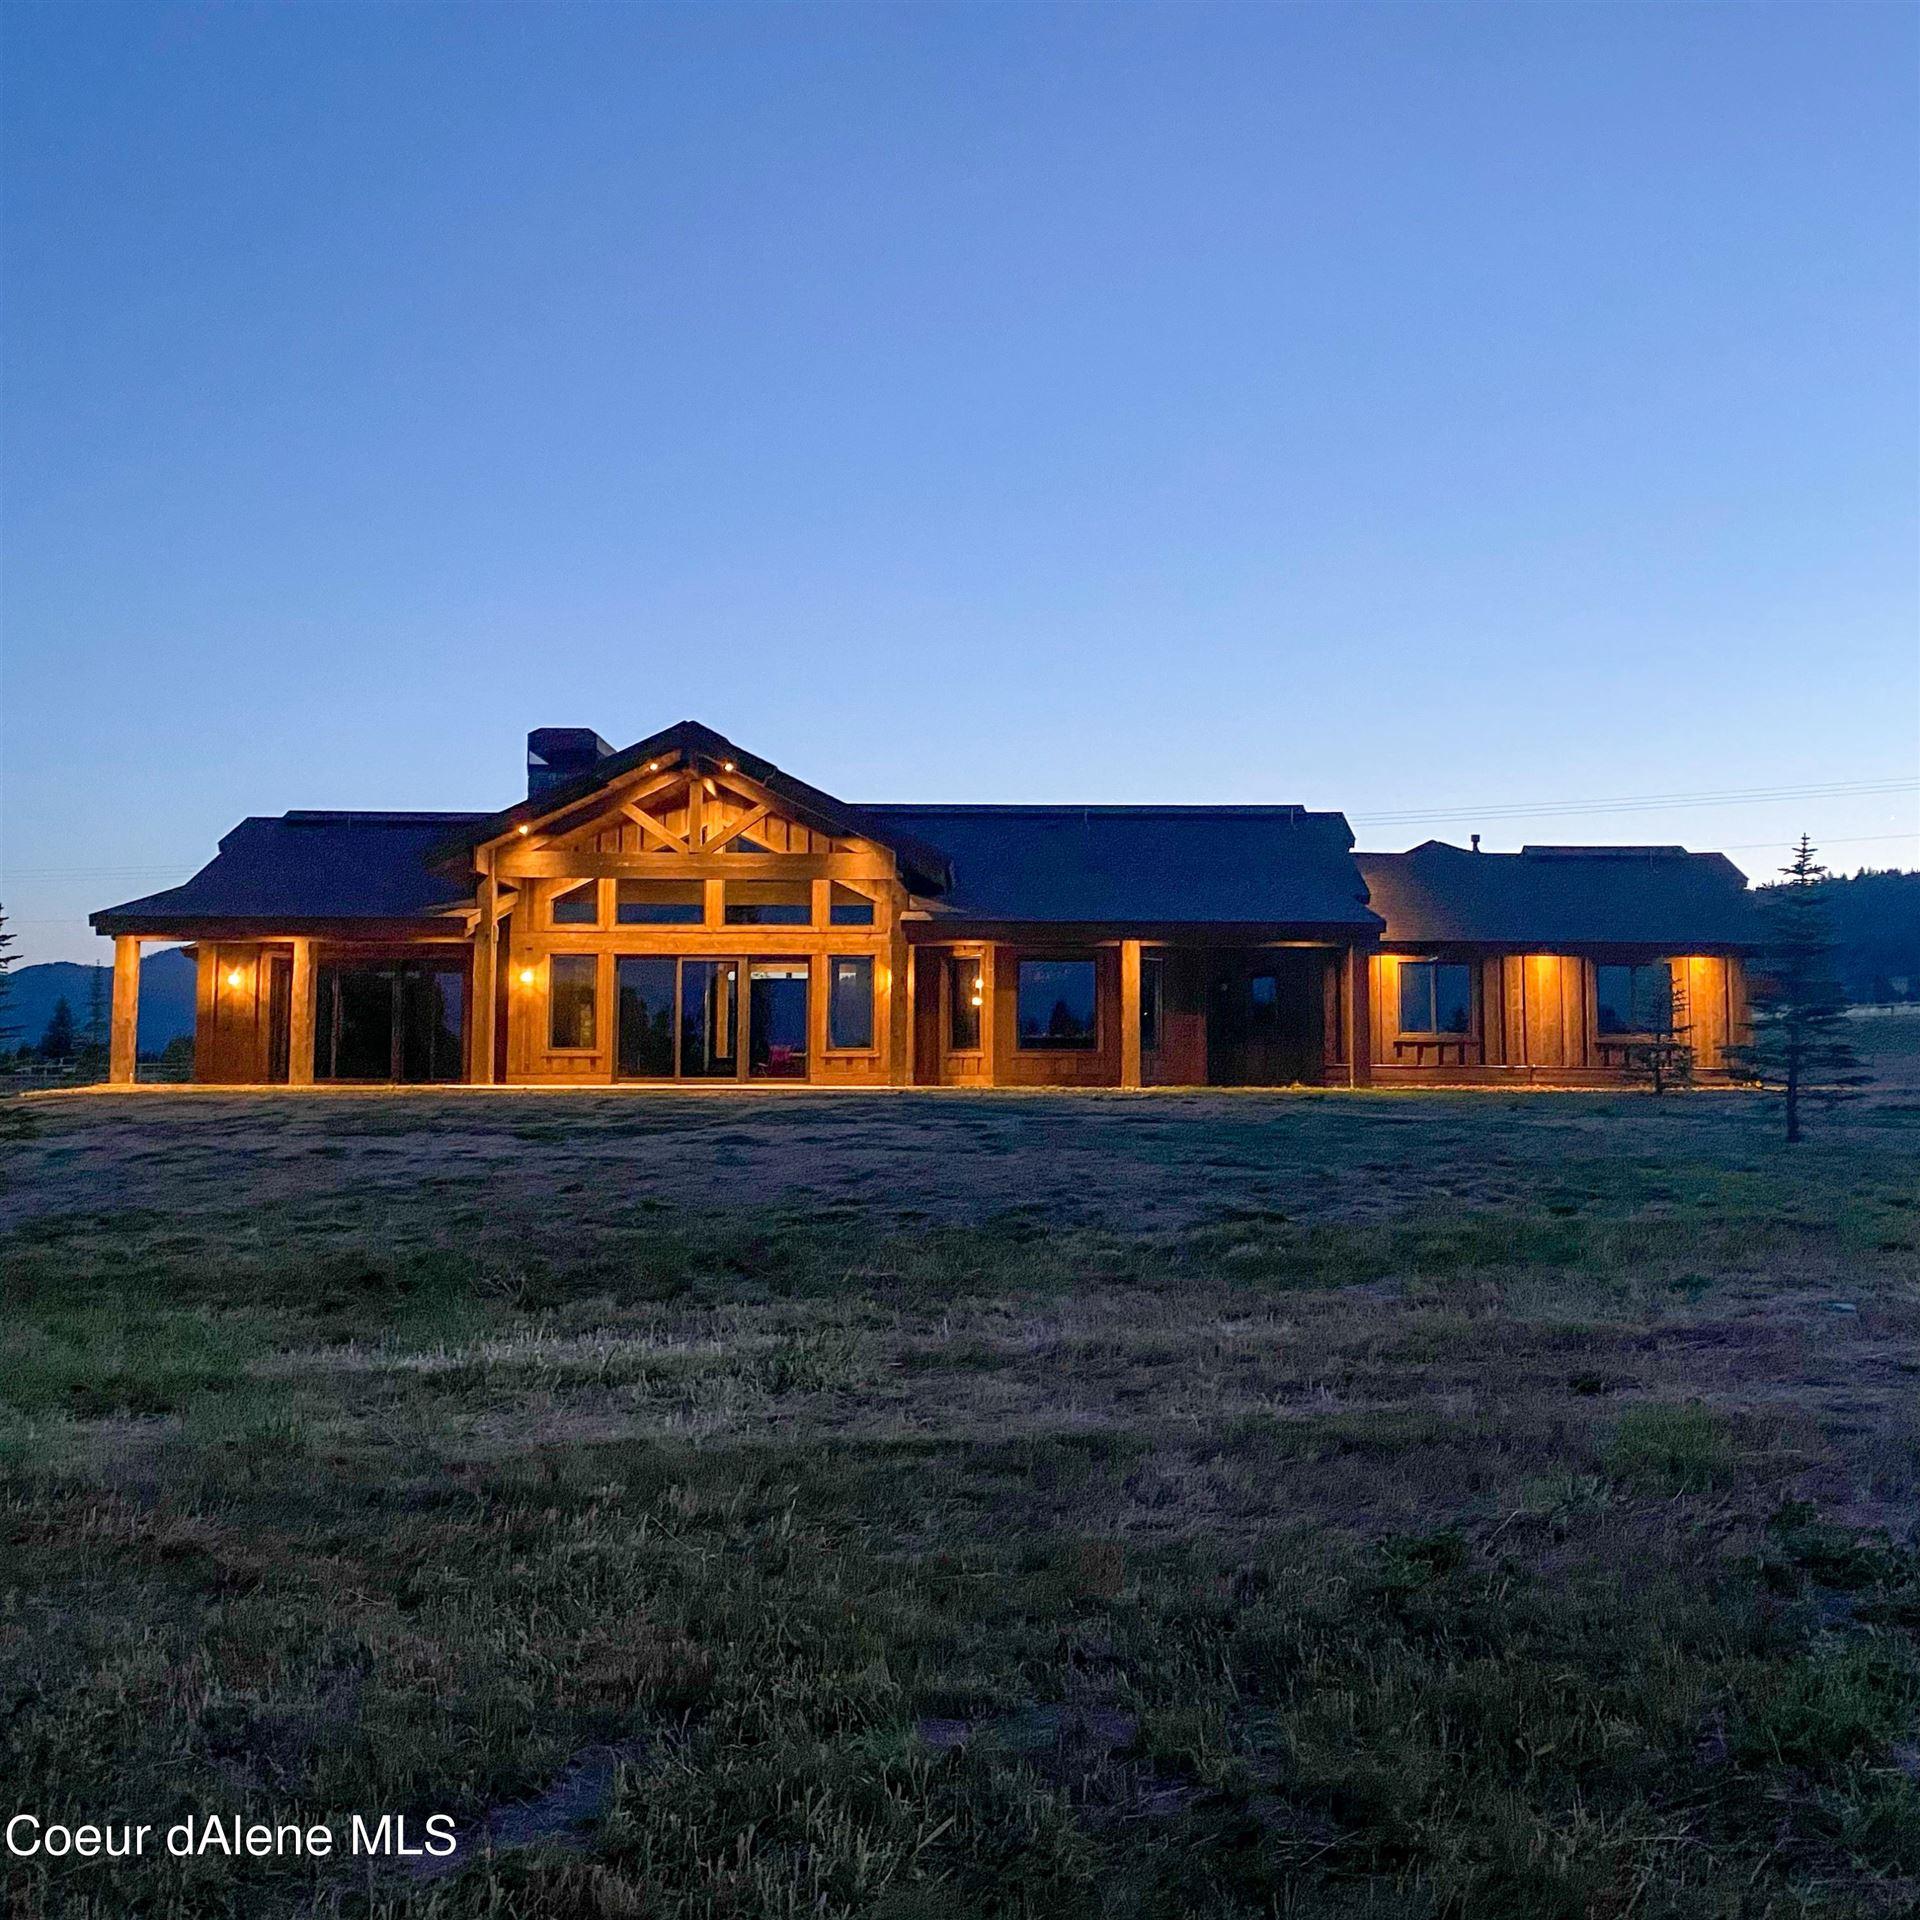 Photo of 5583 W Elmer Farm Rd, Coeur dAlene, ID 83814 (MLS # 21-6838)